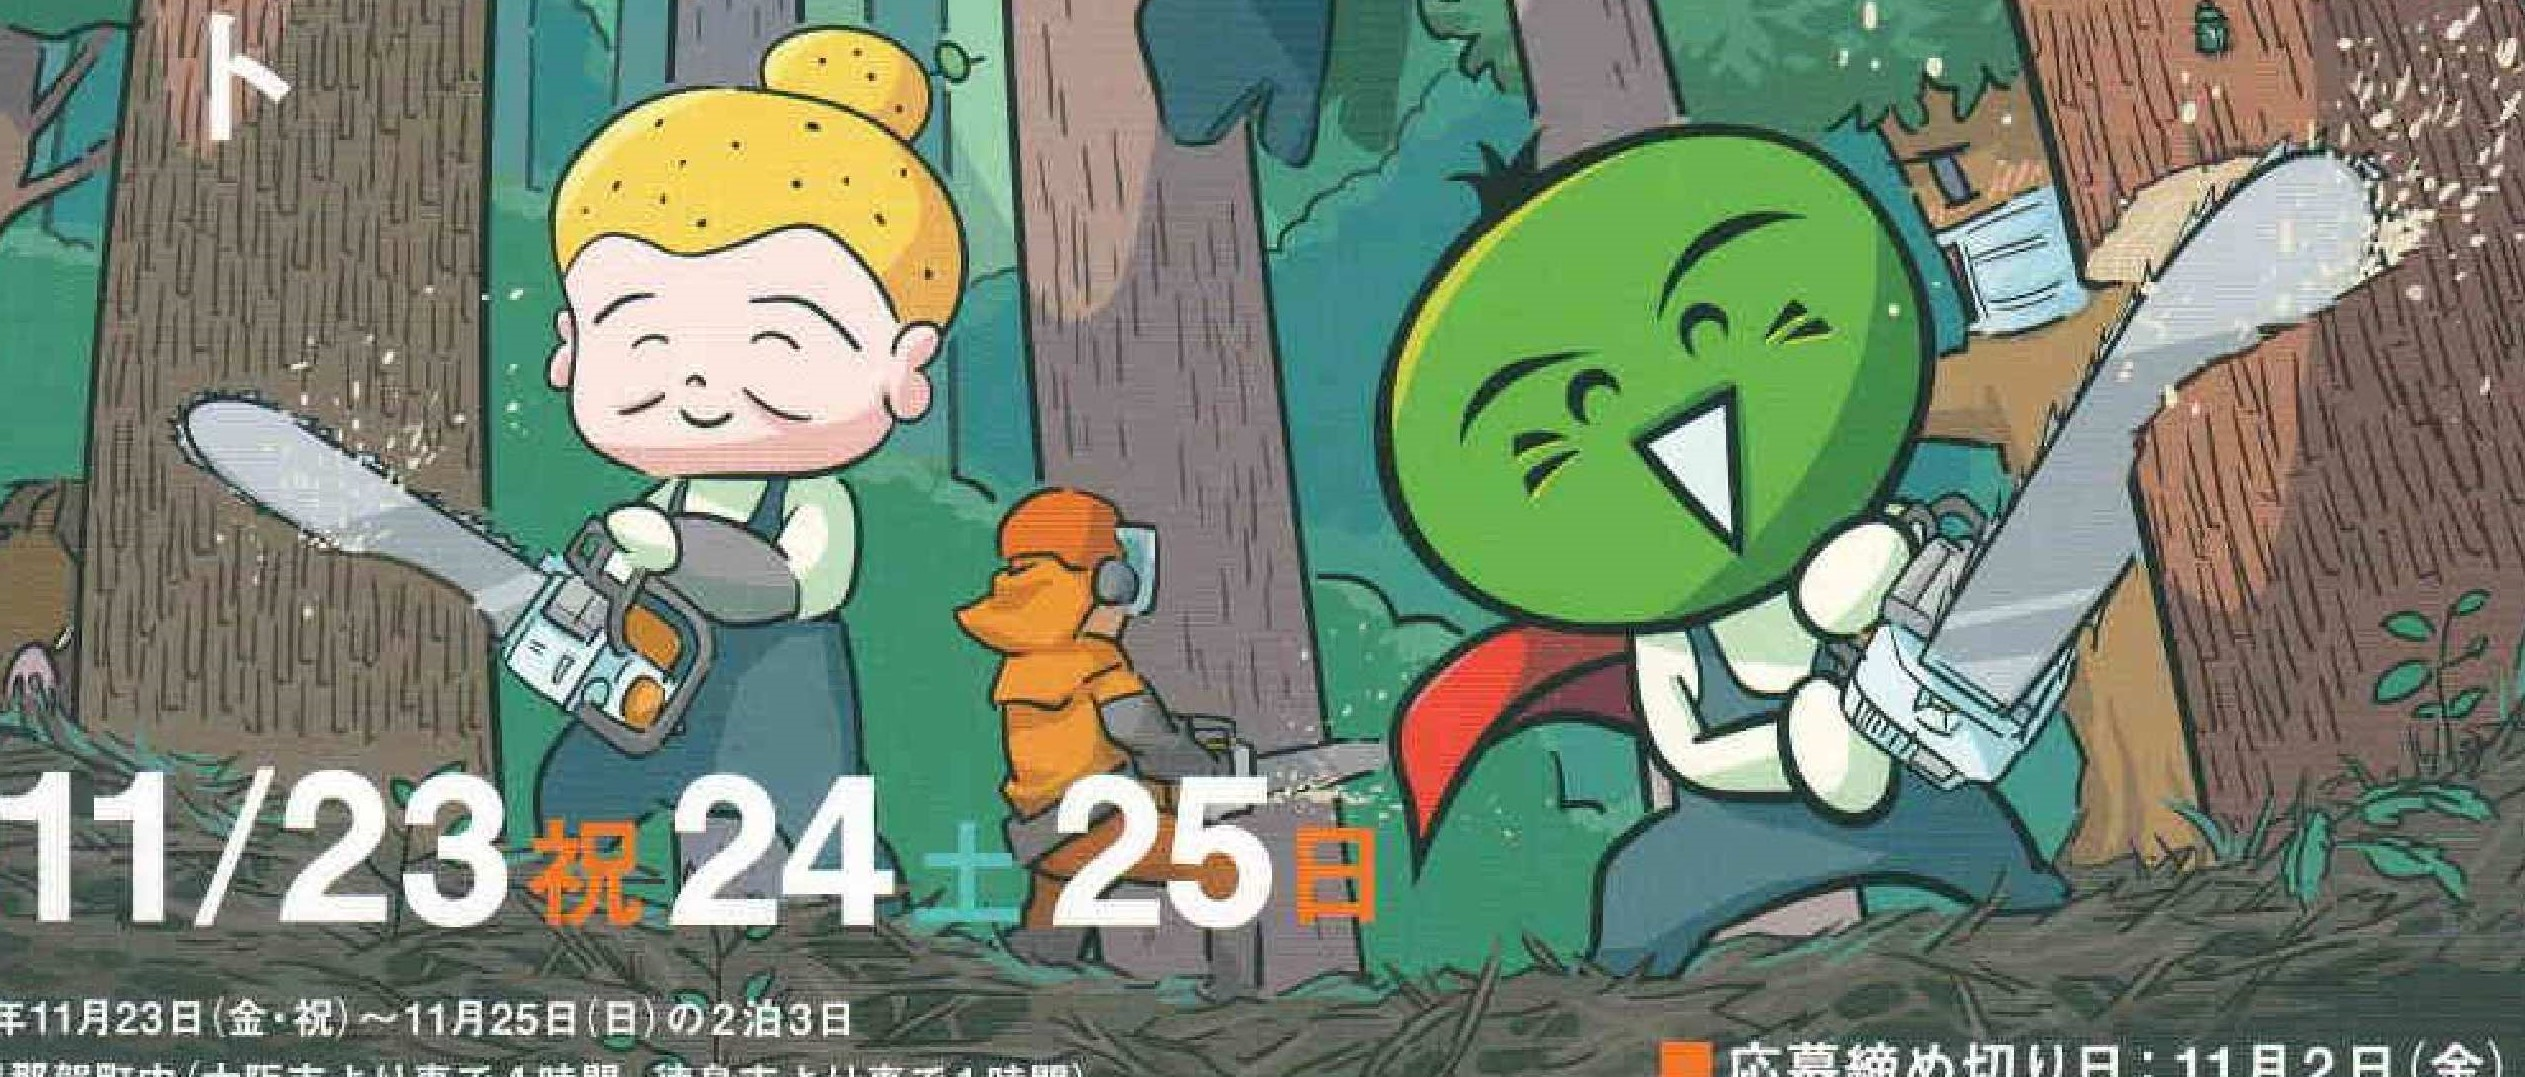 徳島でリアル林業体感3Days 11/23-25開催!